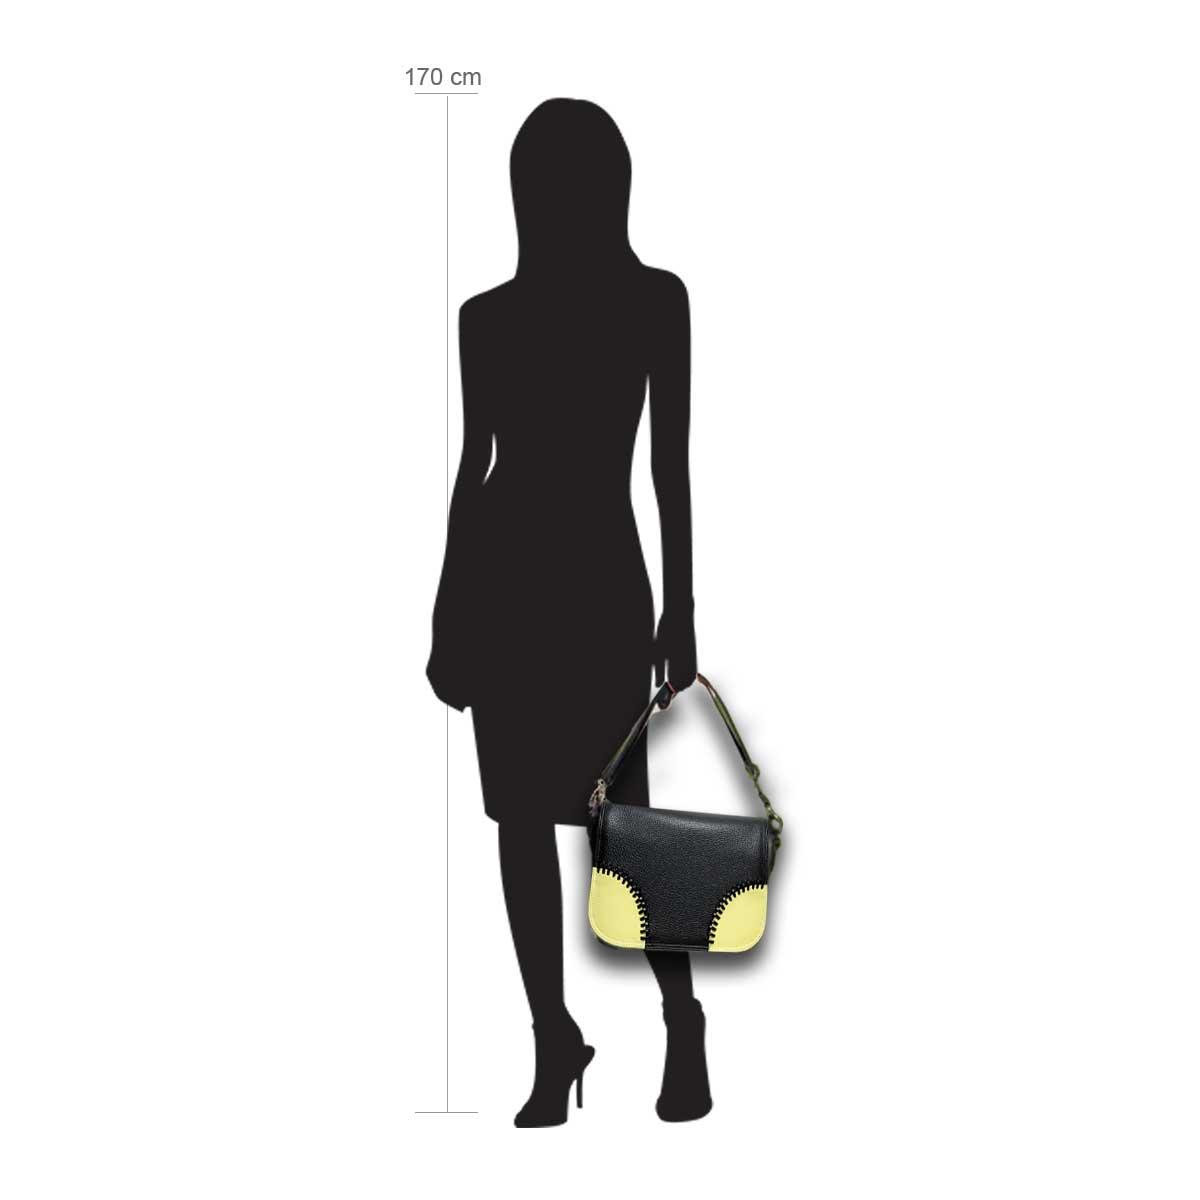 Modellpuppe 170 cm groß zeigt die Handtaschengröße an der Person Modell:Masca